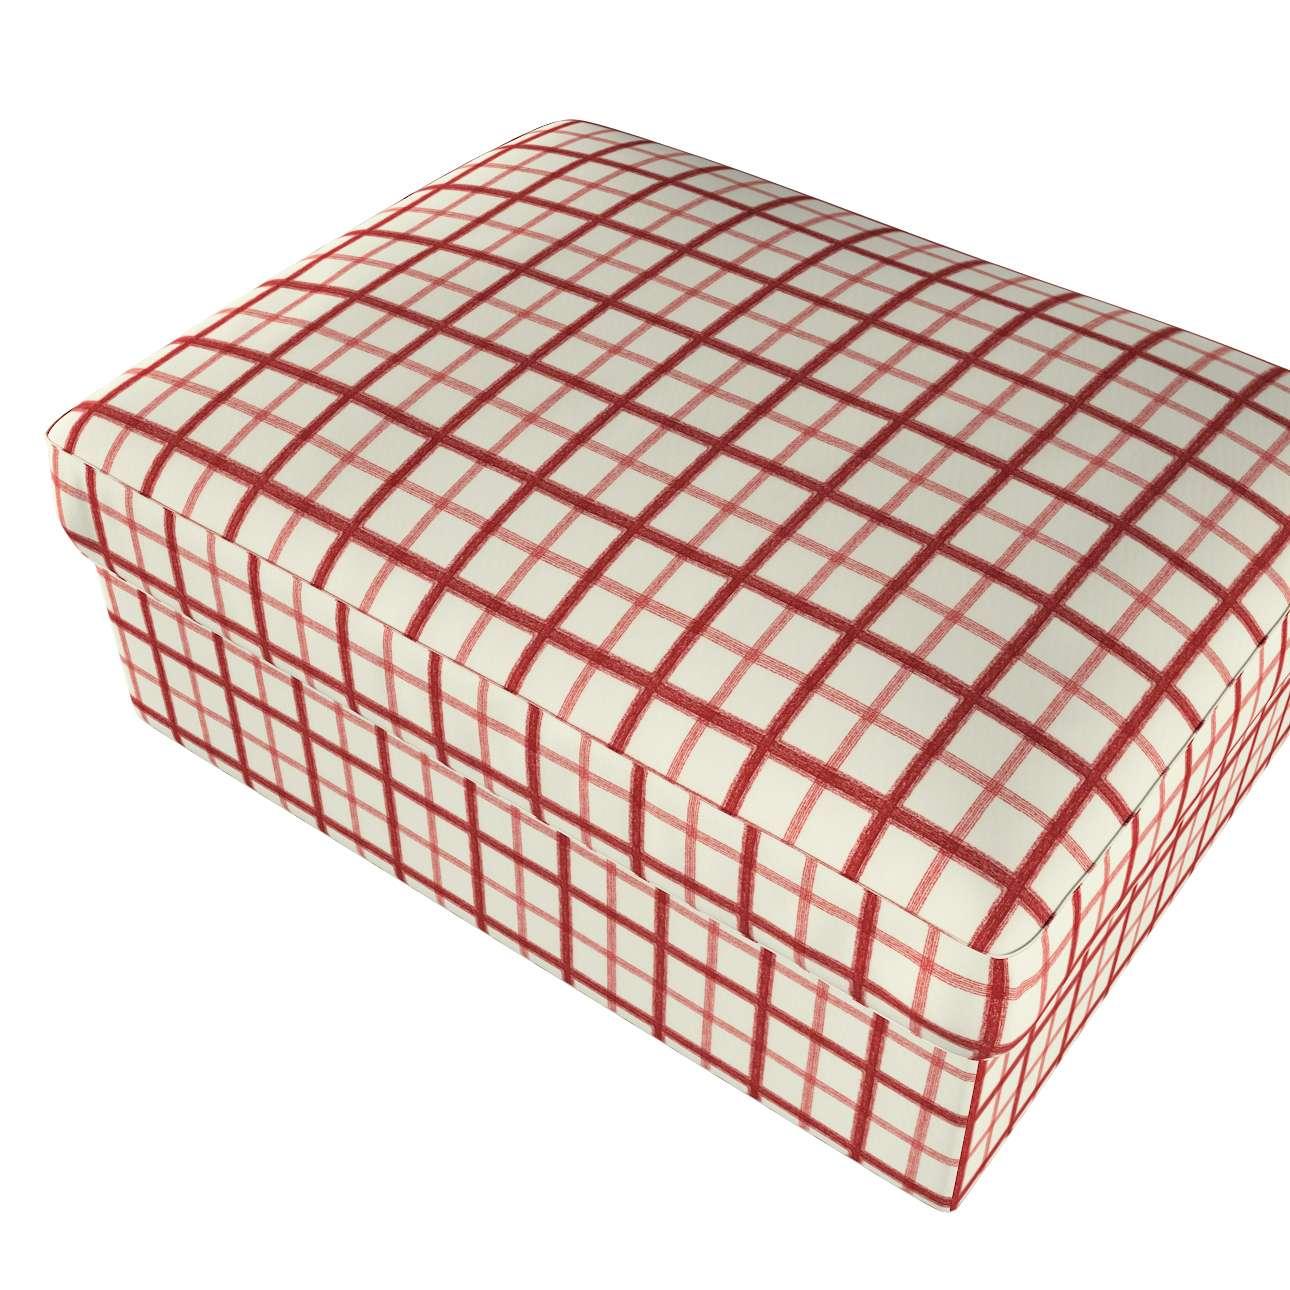 Pokrowiec na podnóżek Kivik w kolekcji Avinon, tkanina: 131-15